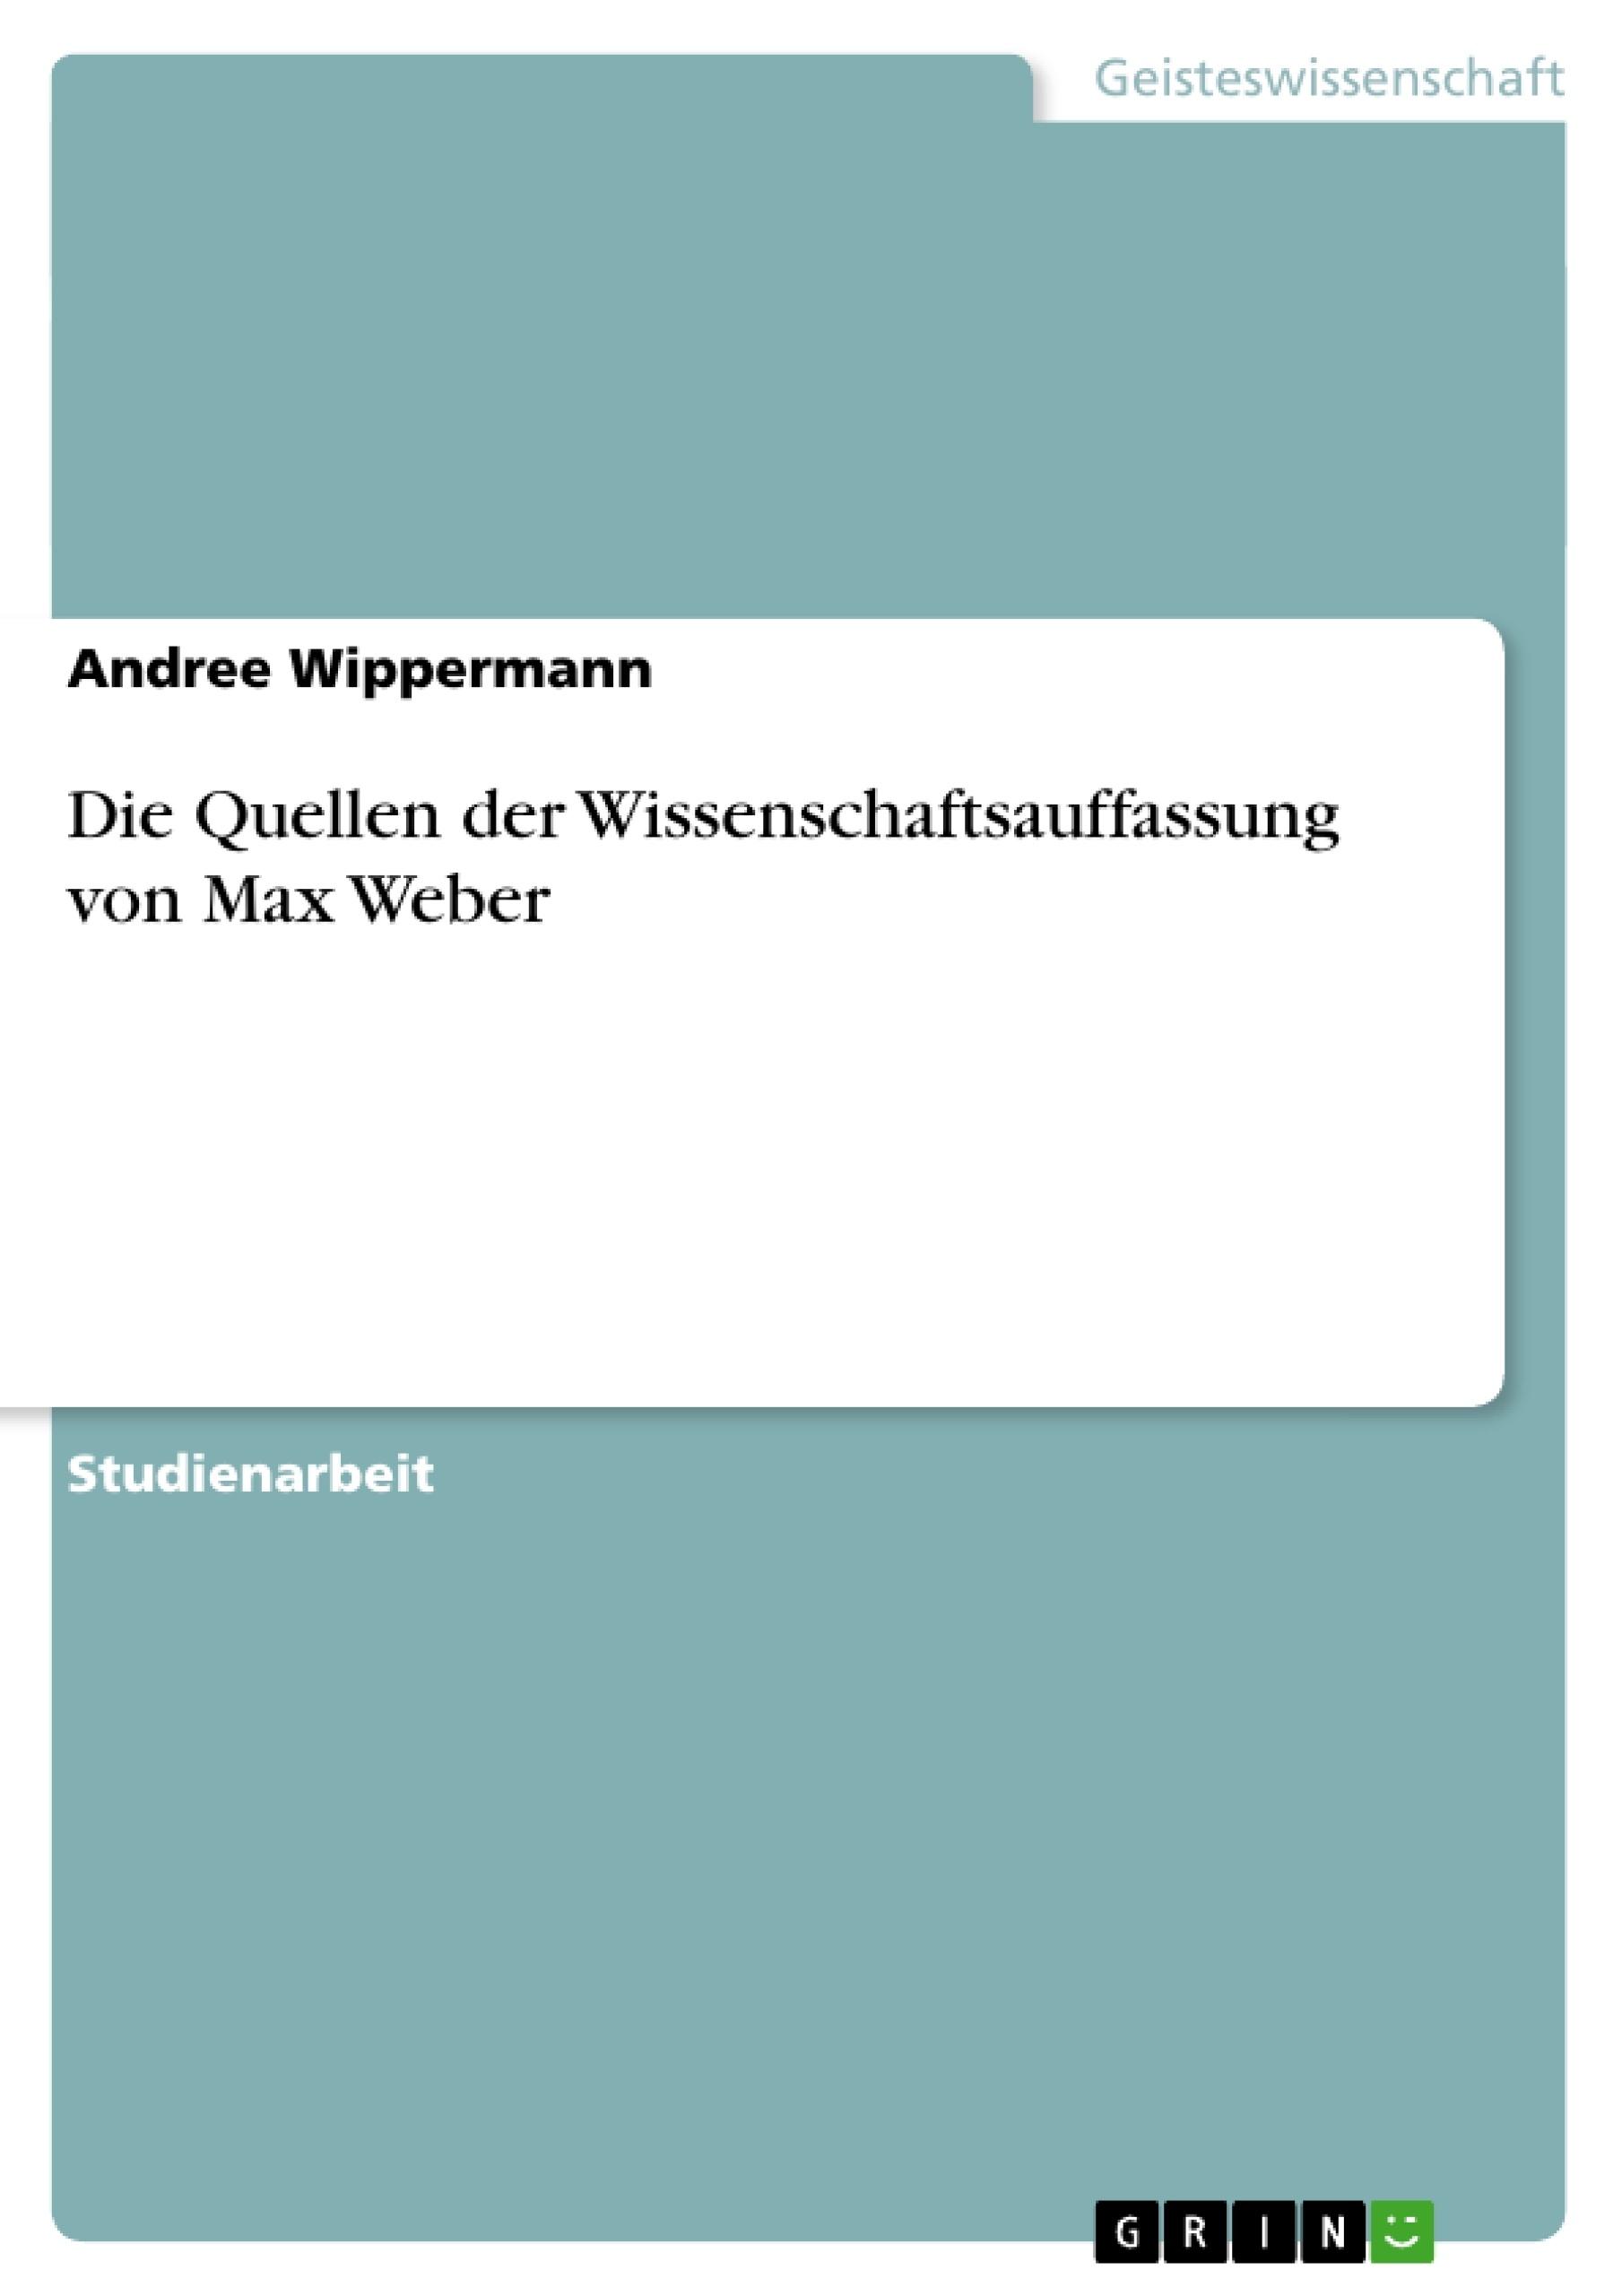 Titel: Die Quellen der Wissenschaftsauffassung von Max Weber